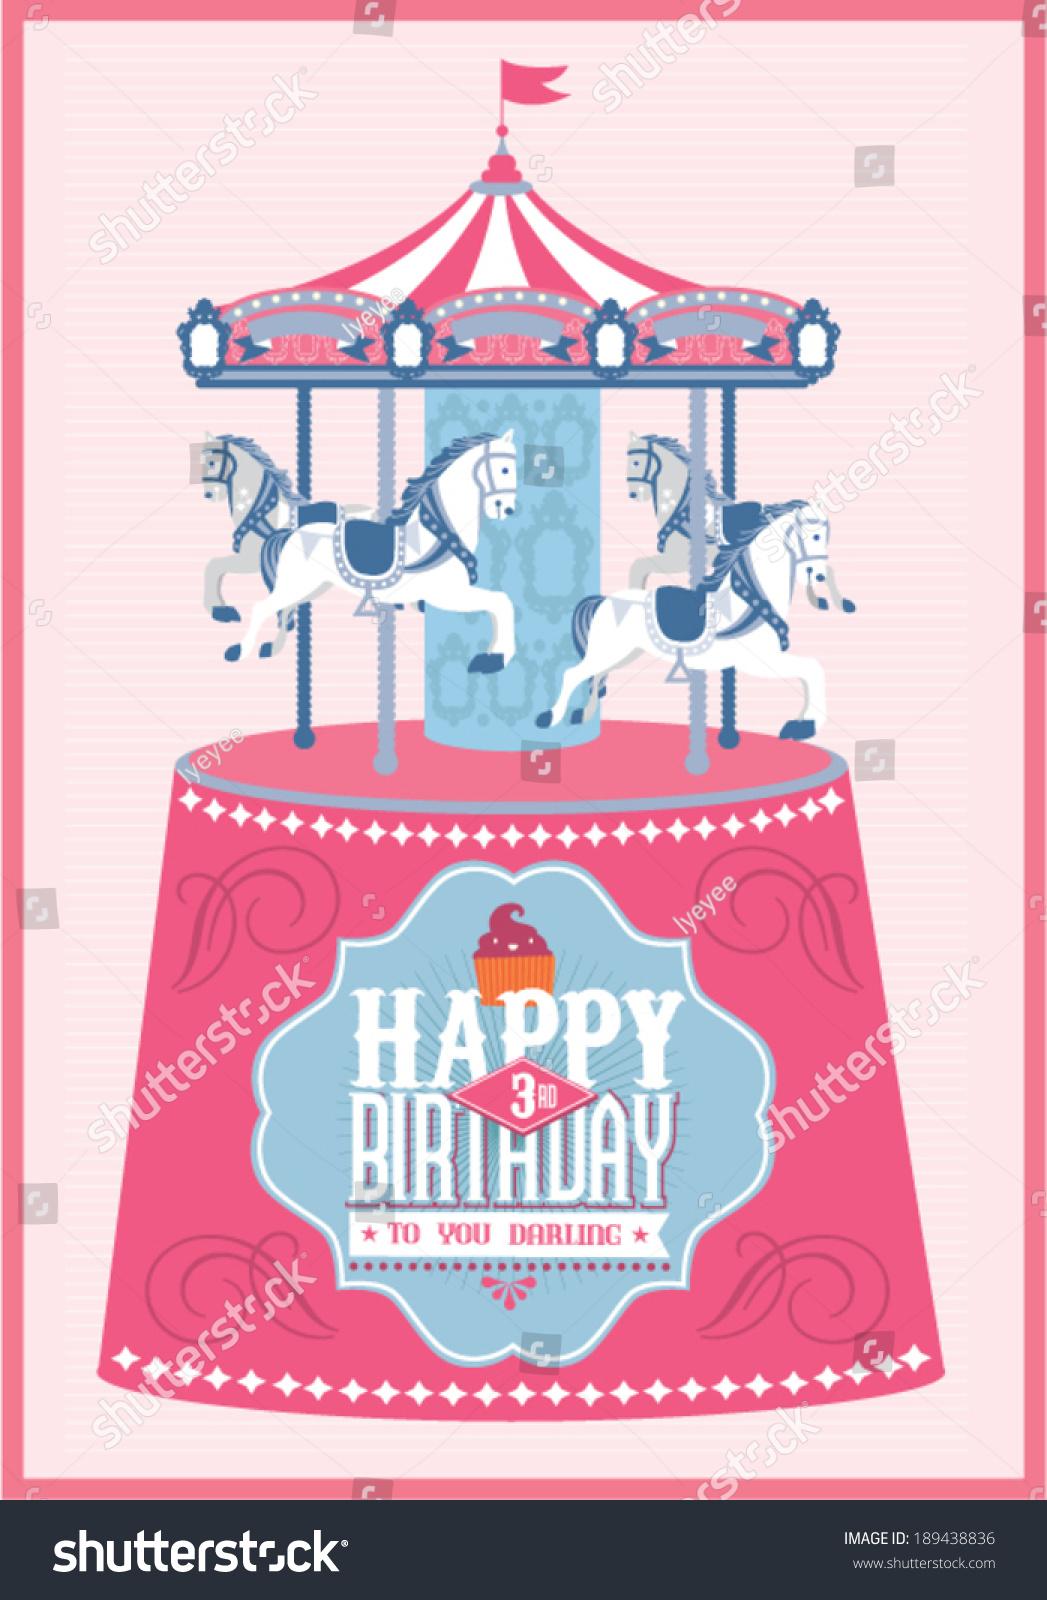 carouselmerry go birthday card template stock vector